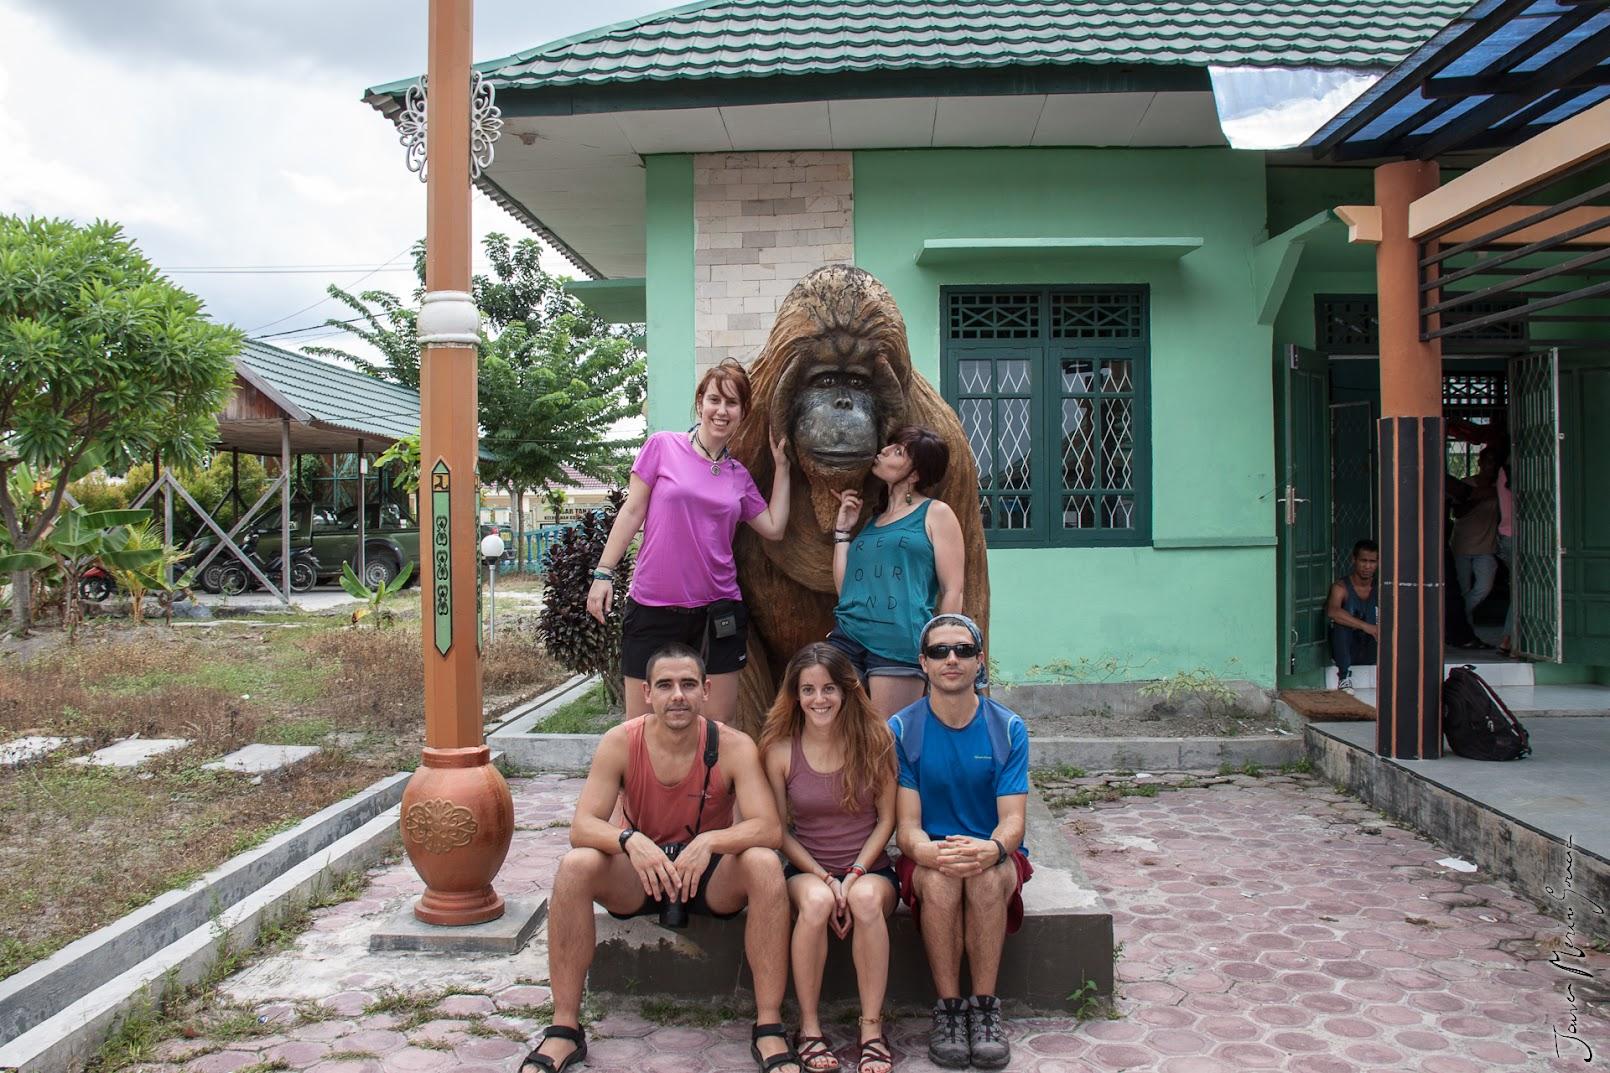 Orangután de Madera